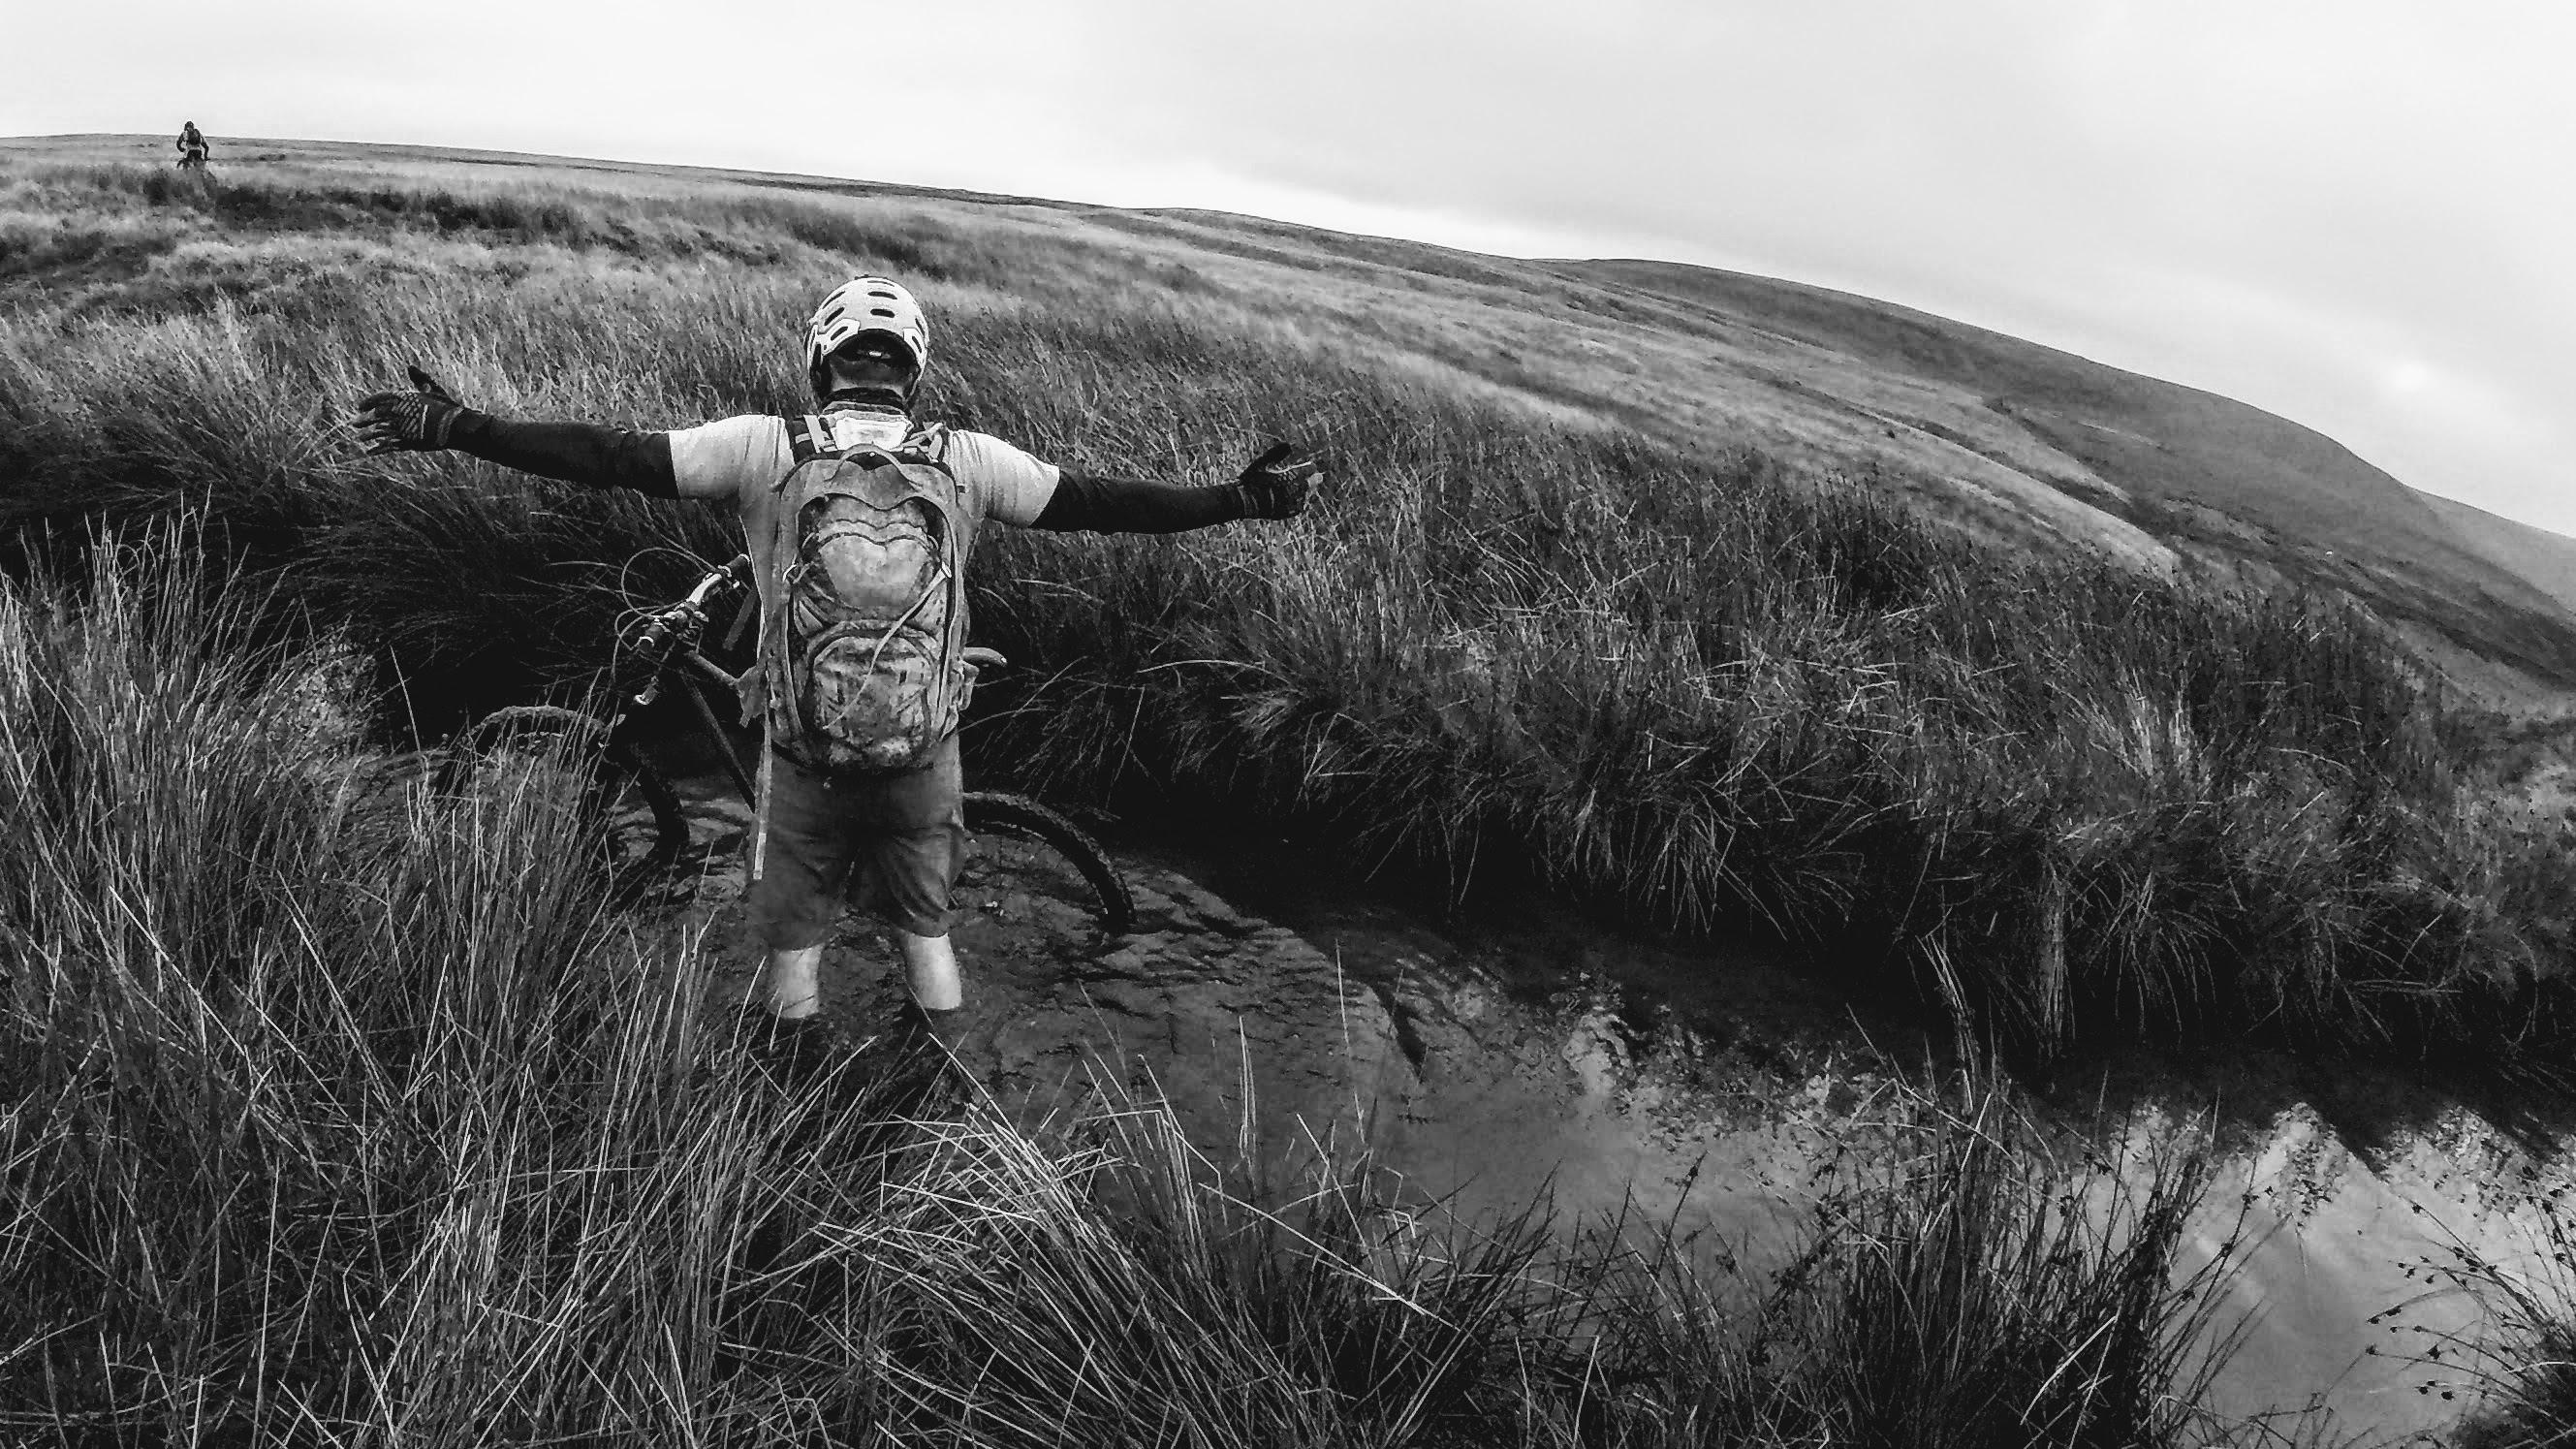 Jay Mud (Mudtrek) testing the water depth